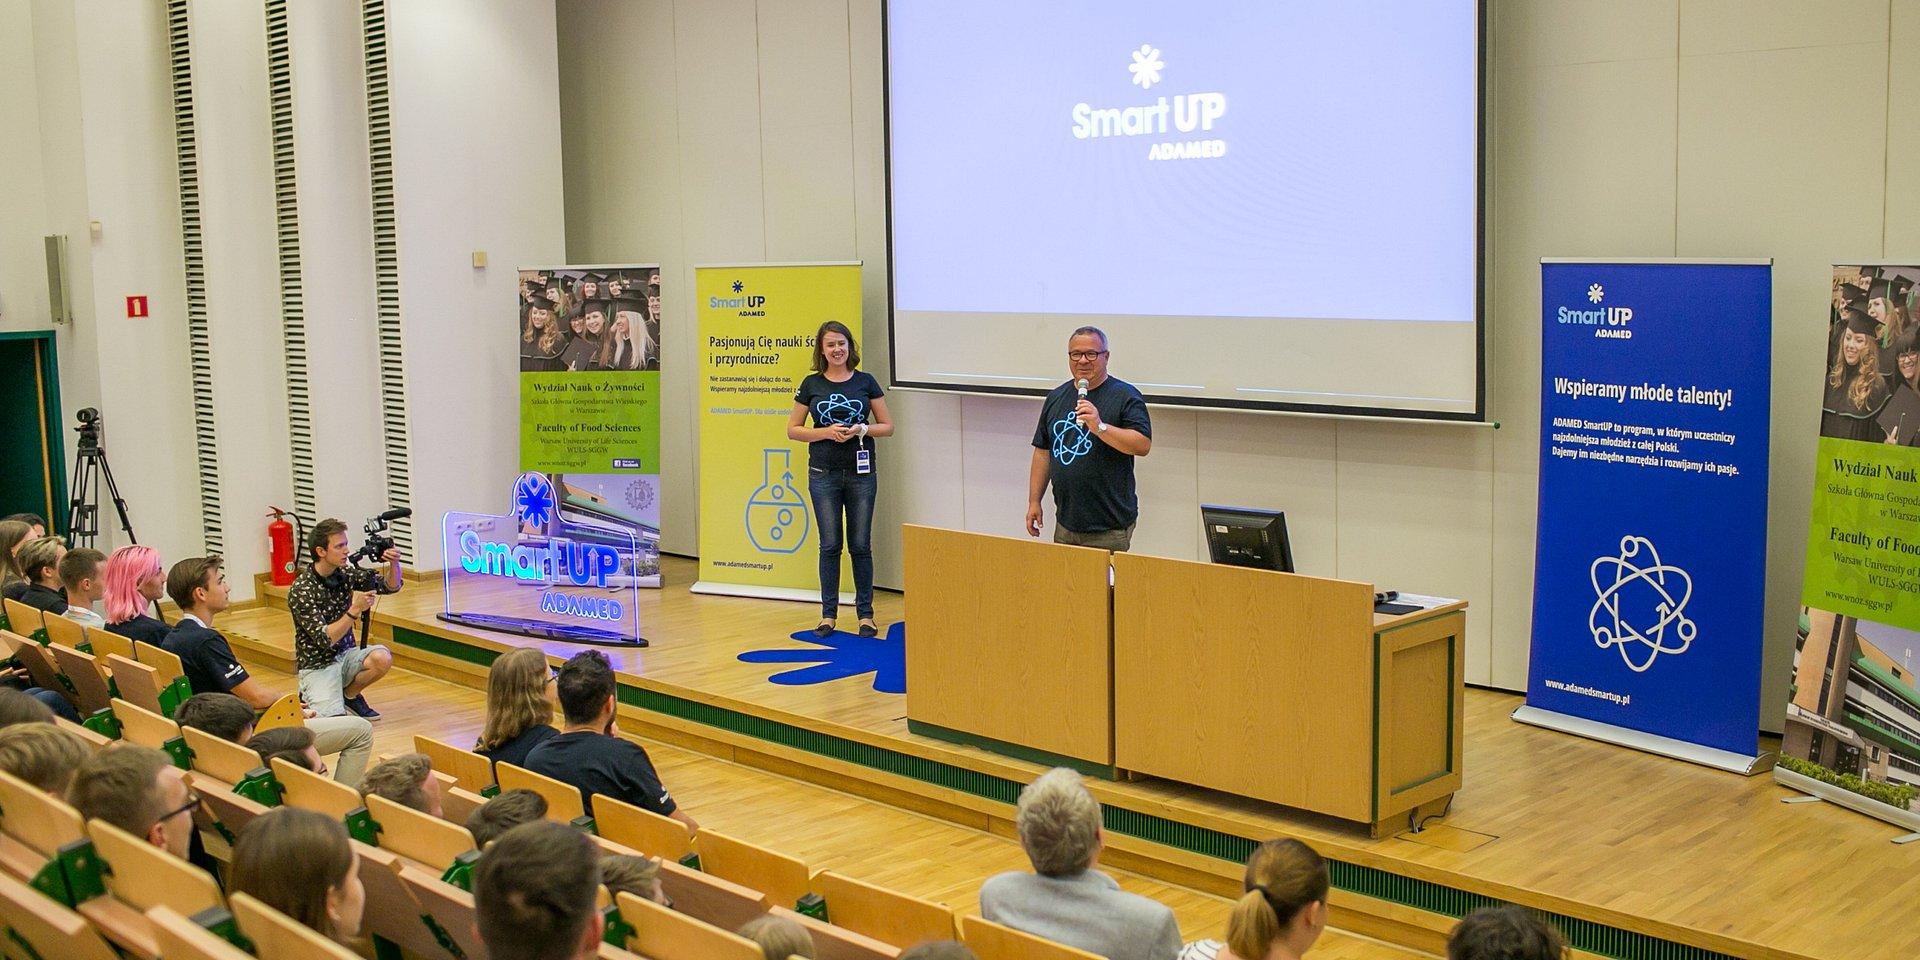 Obóz ADAMED SmartUP 2019 – młodzi naukowcy na start